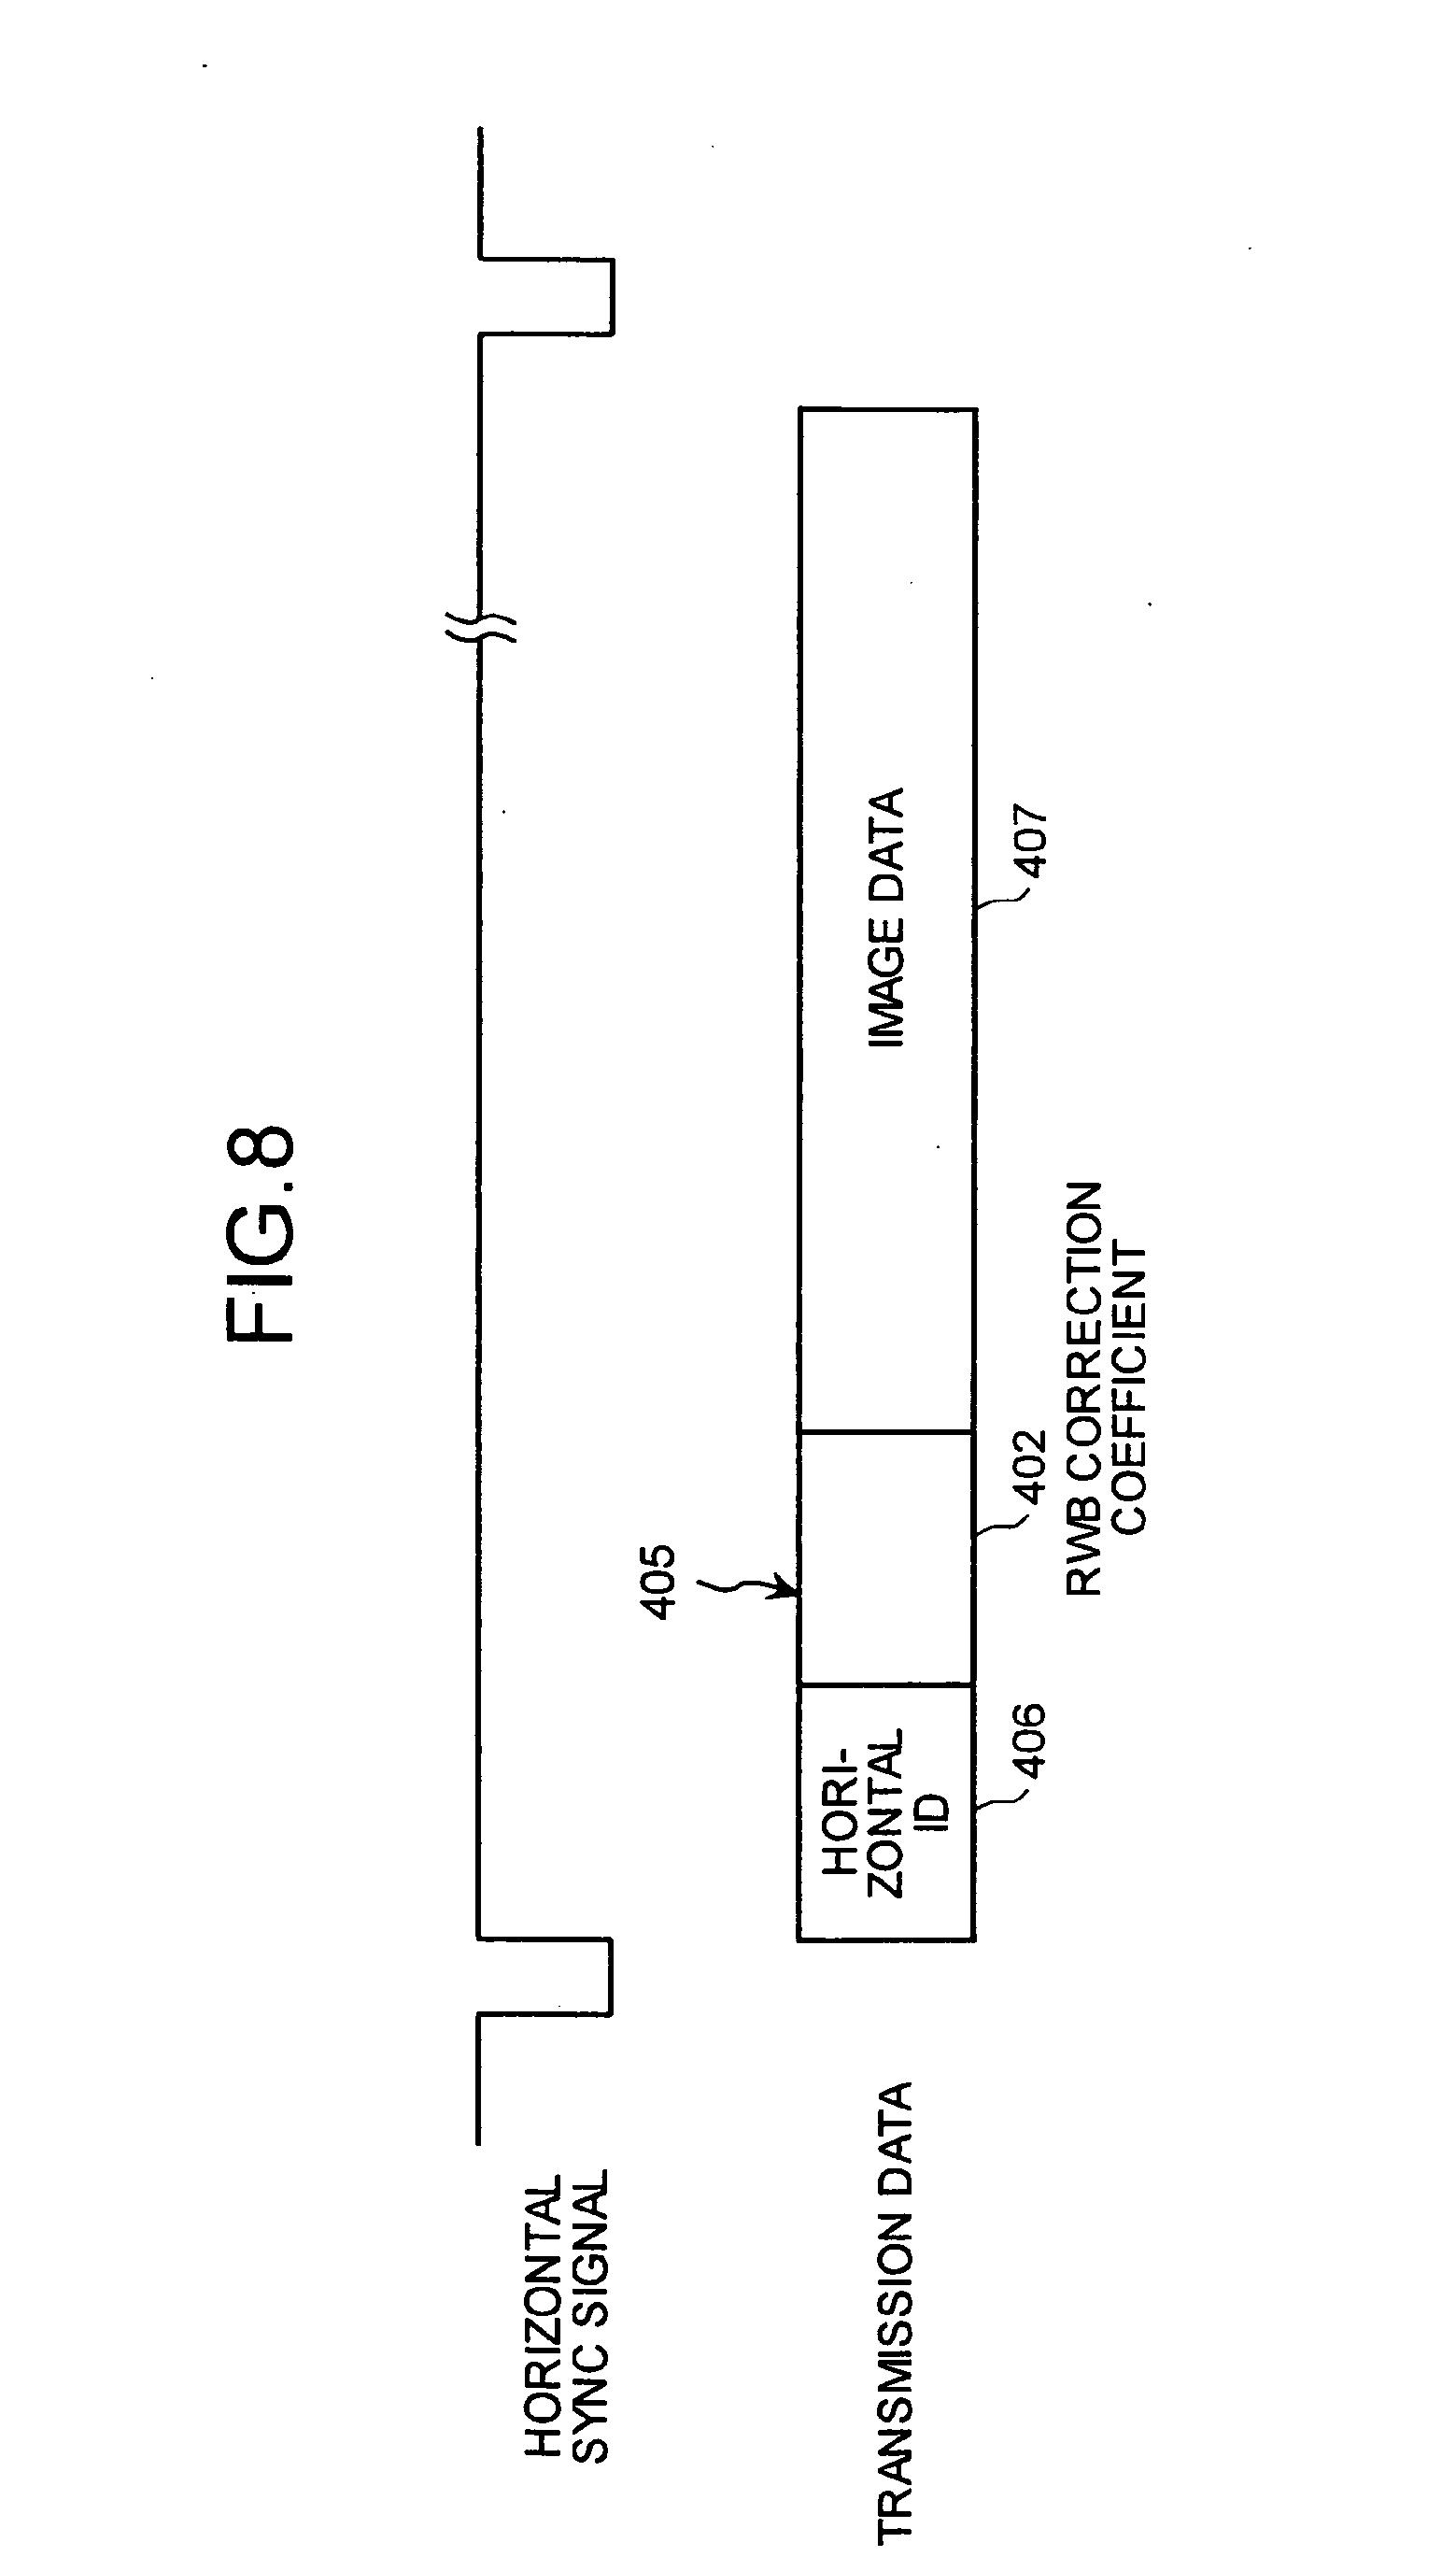 专利ep1637064a1 - encapsulated endoscope and